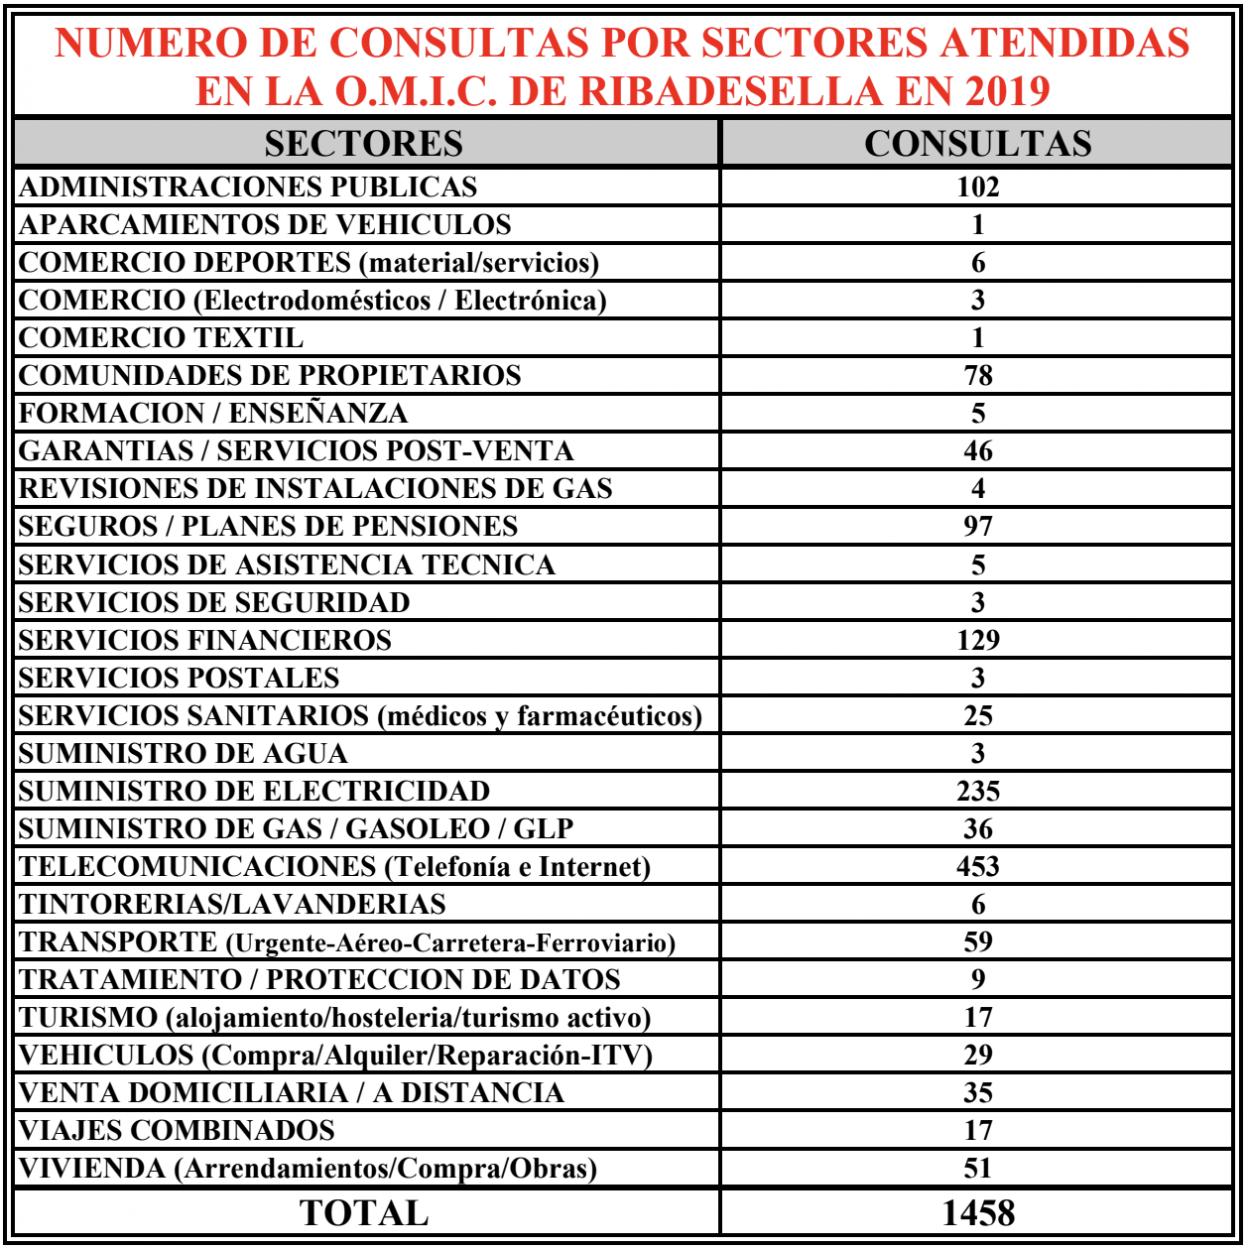 La OMIC de Ribadesella recibió 1.458 consultas y tramitó 241 denuncias y reclamaciones durante 2019